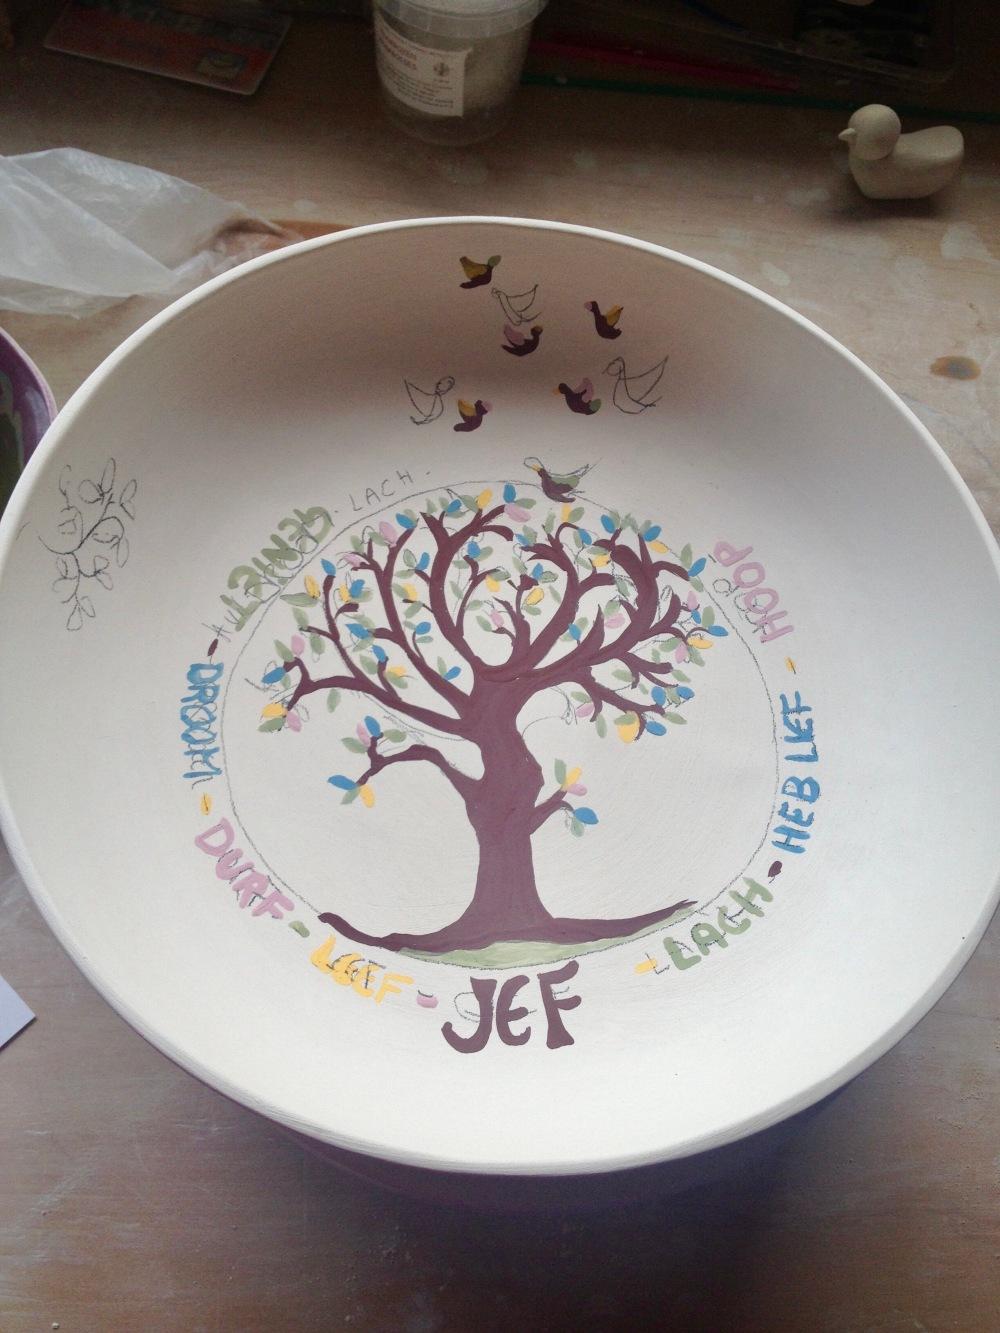 schilderen van een handgemaakt gepersonaliseerd keramiek bord met een wensboom als kraamcadeau of geboortegeschenk. Personalised plate as gift for newborn.